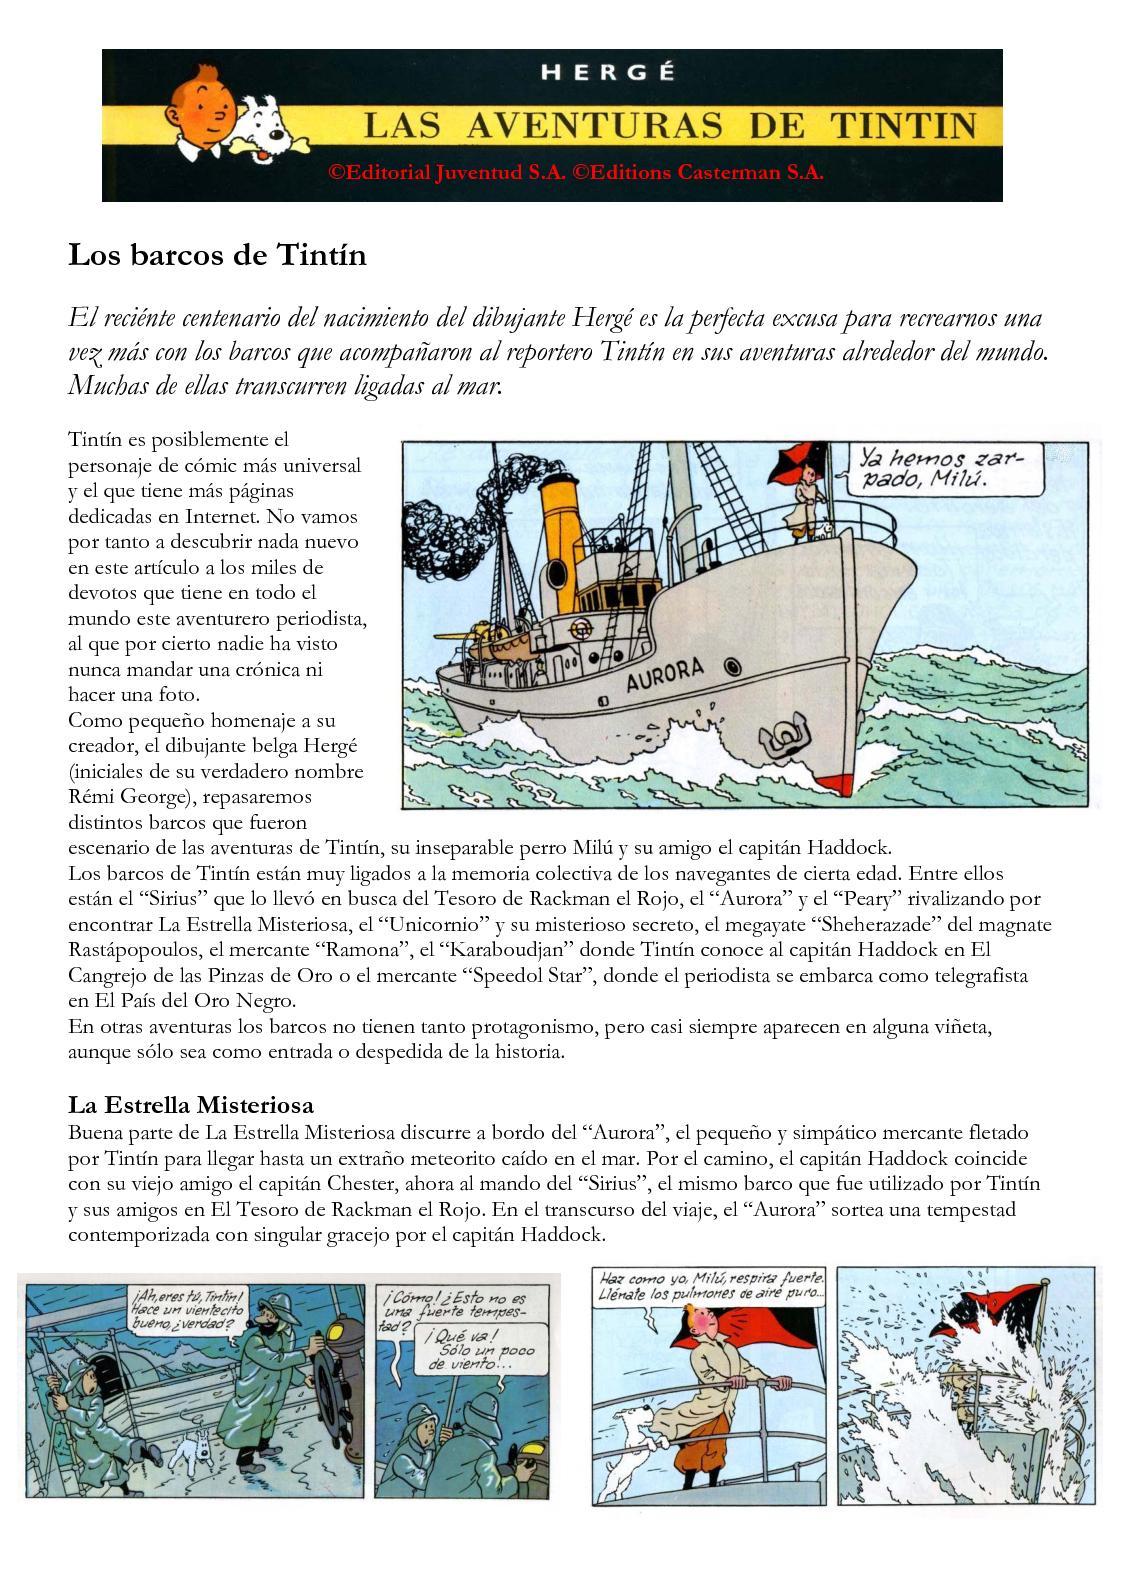 Los barcos de Tintín